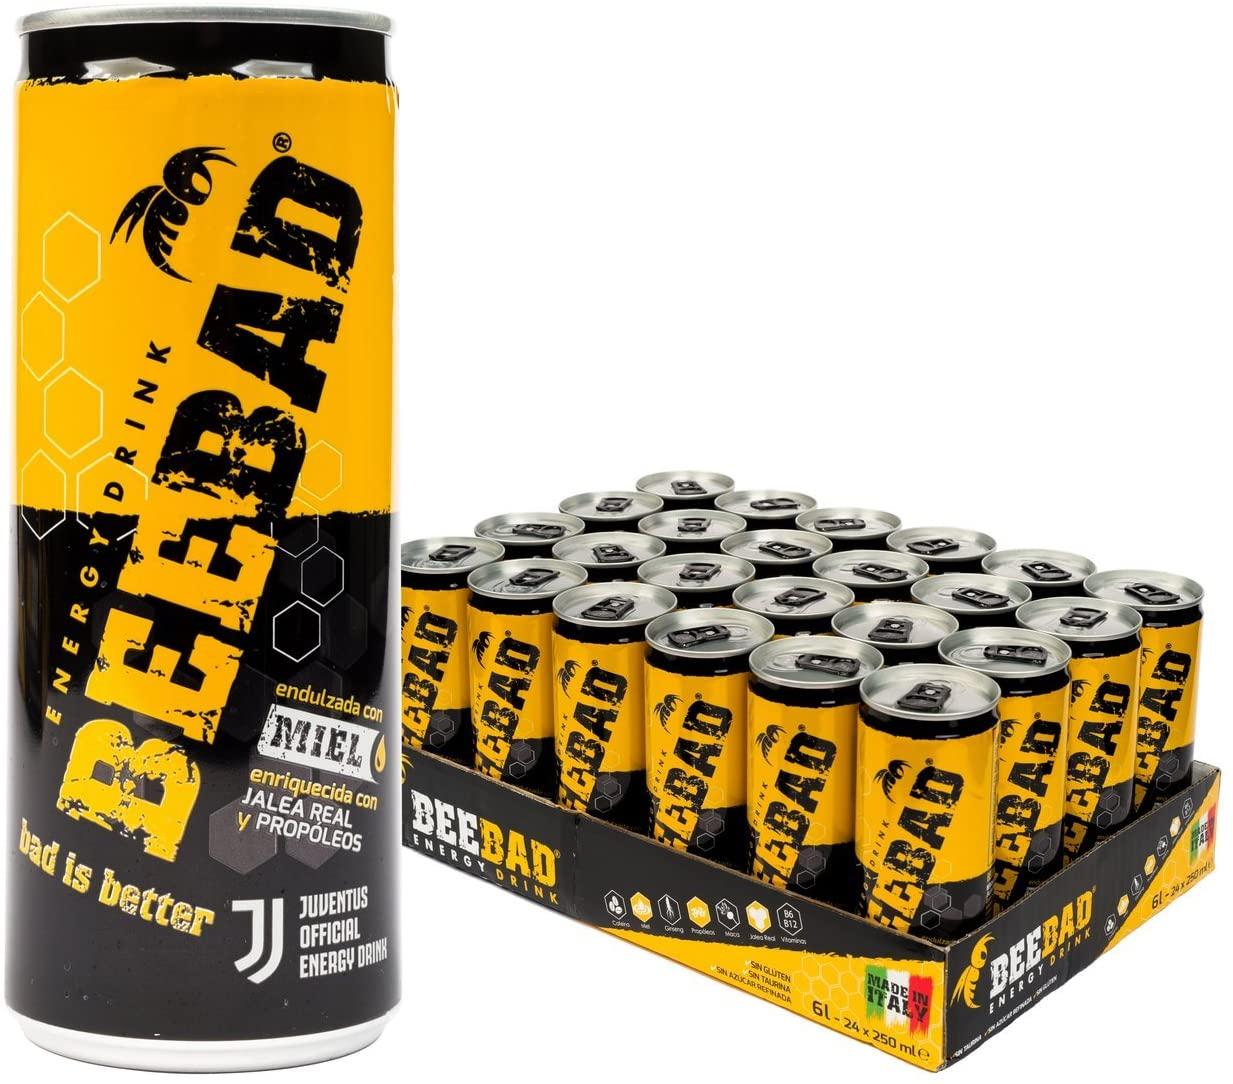 BEEBAD Energy Drink, 250 ml (Pack de 24 Latas) Bebida energética endulzada únicamente con miel. Hecha con productos naturales